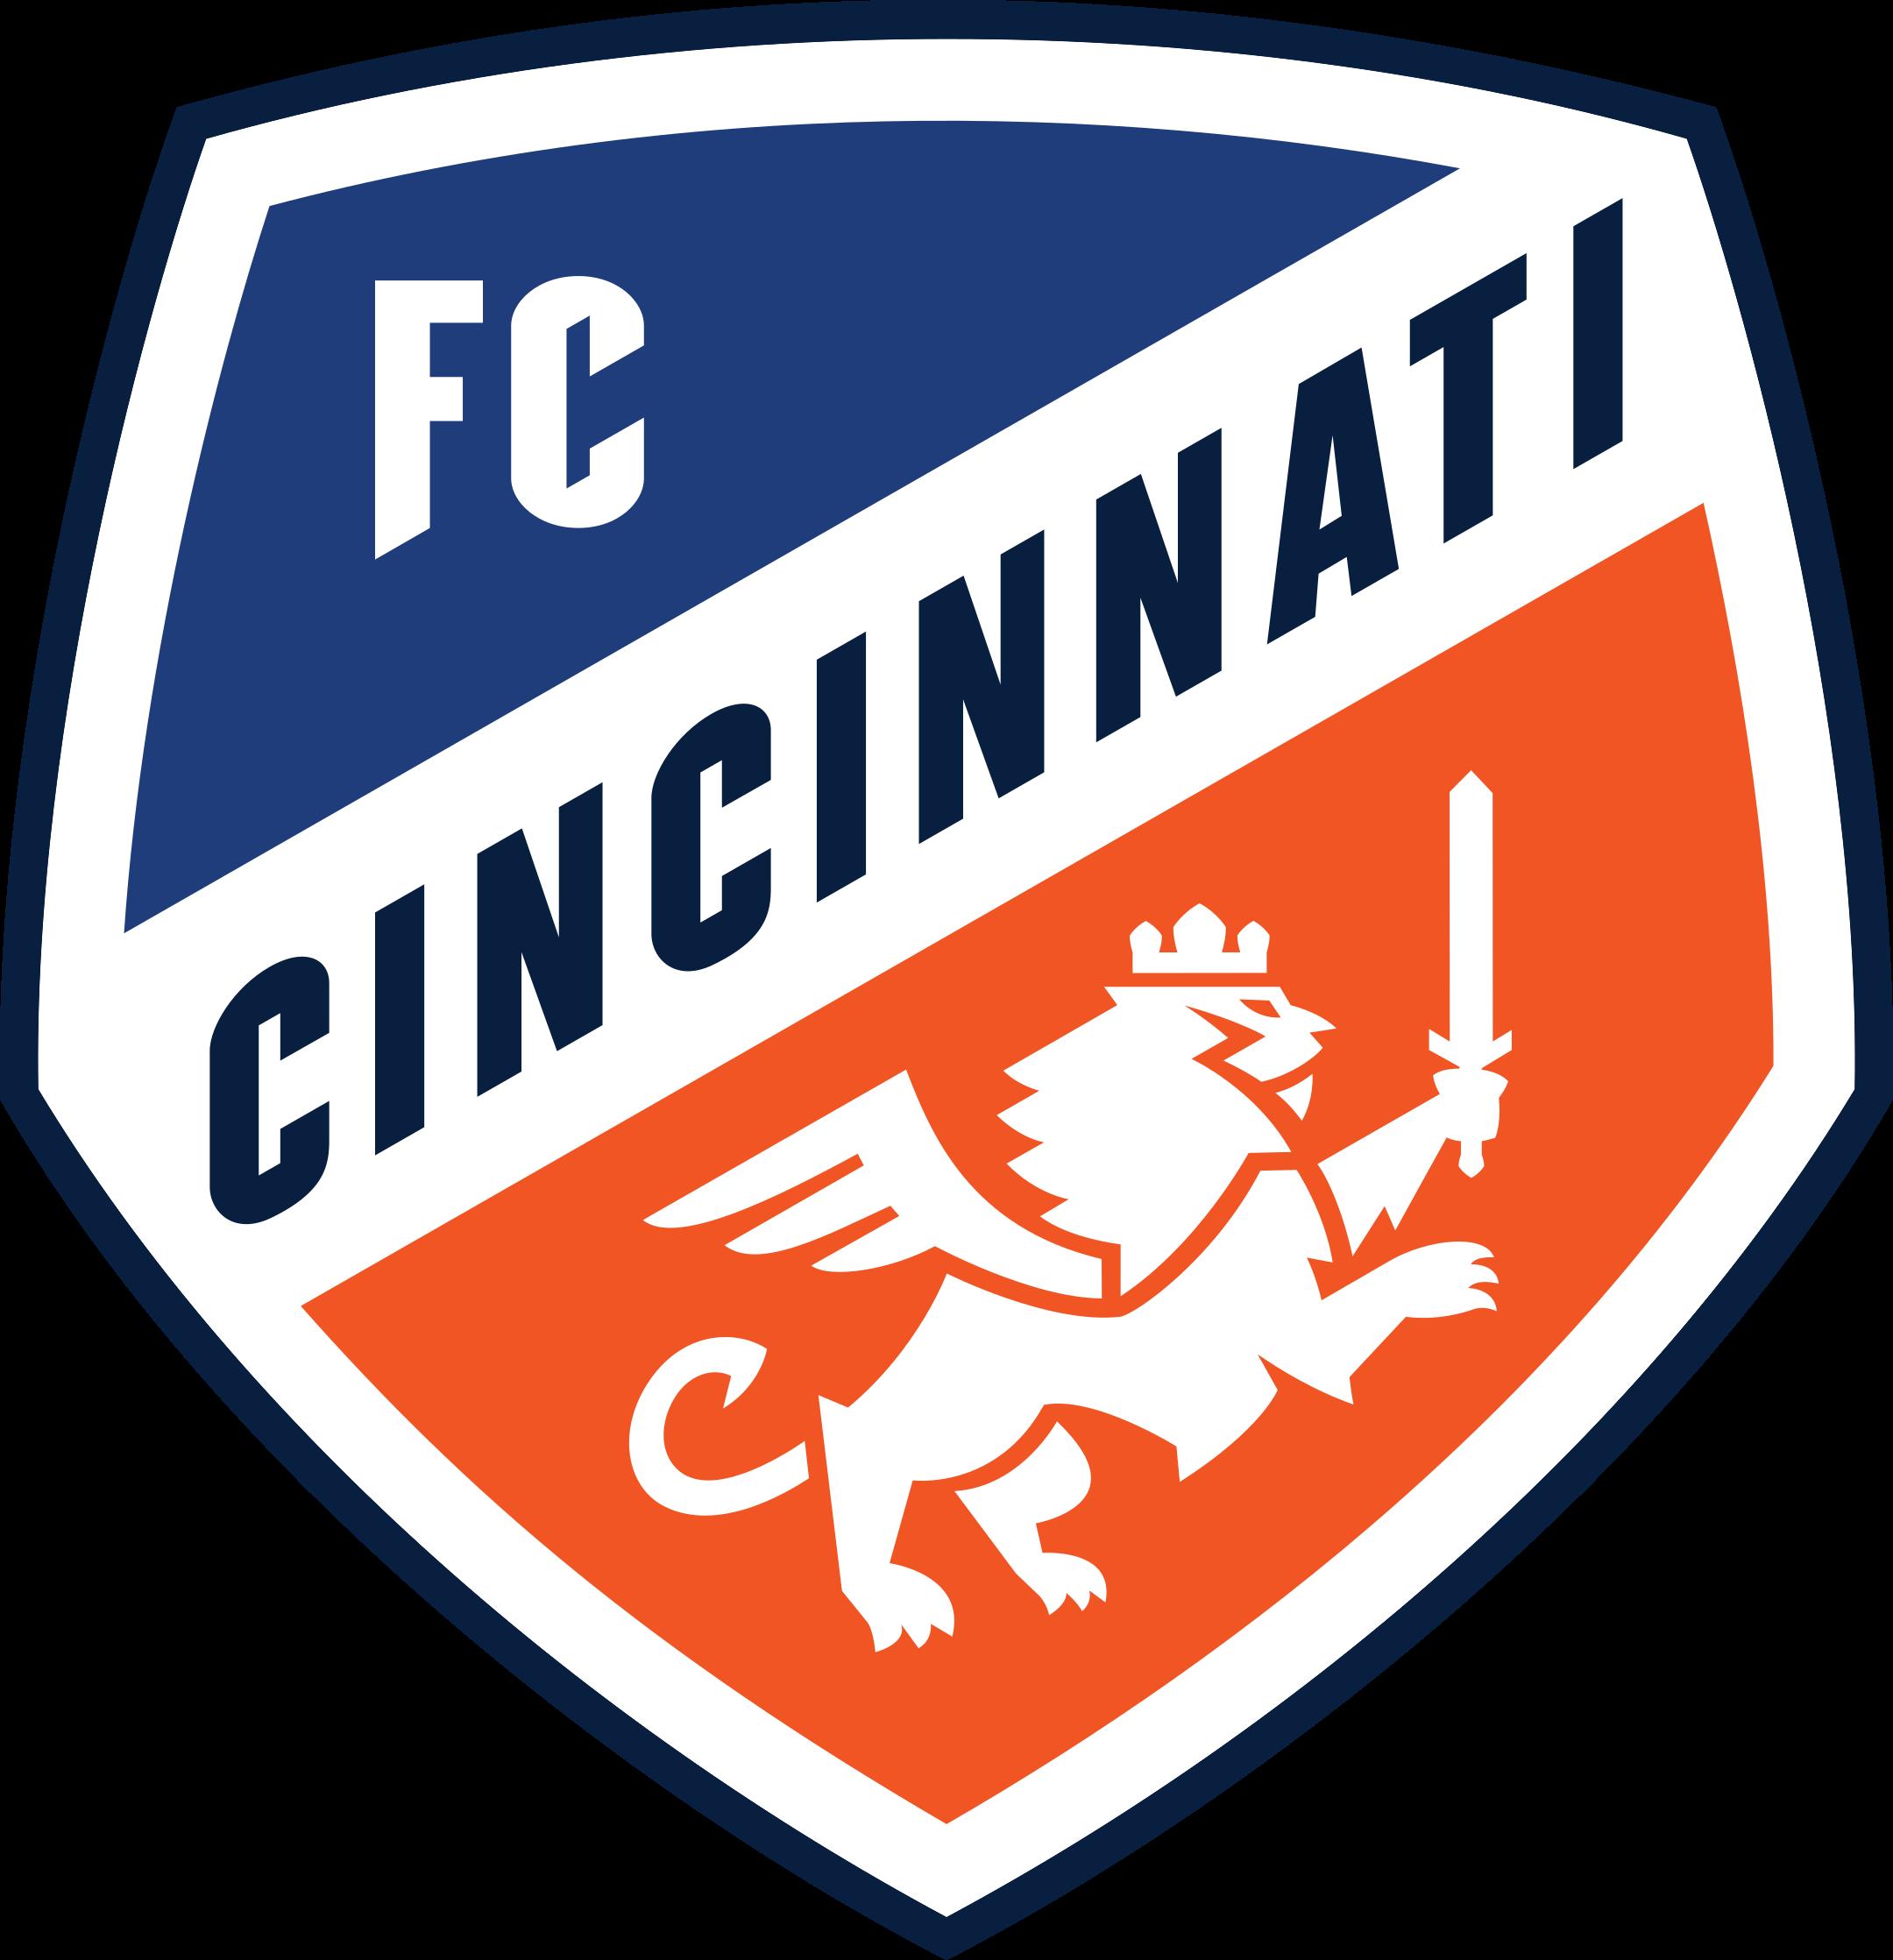 fc cincinnati logo 1 - FC Cincinnati Logo